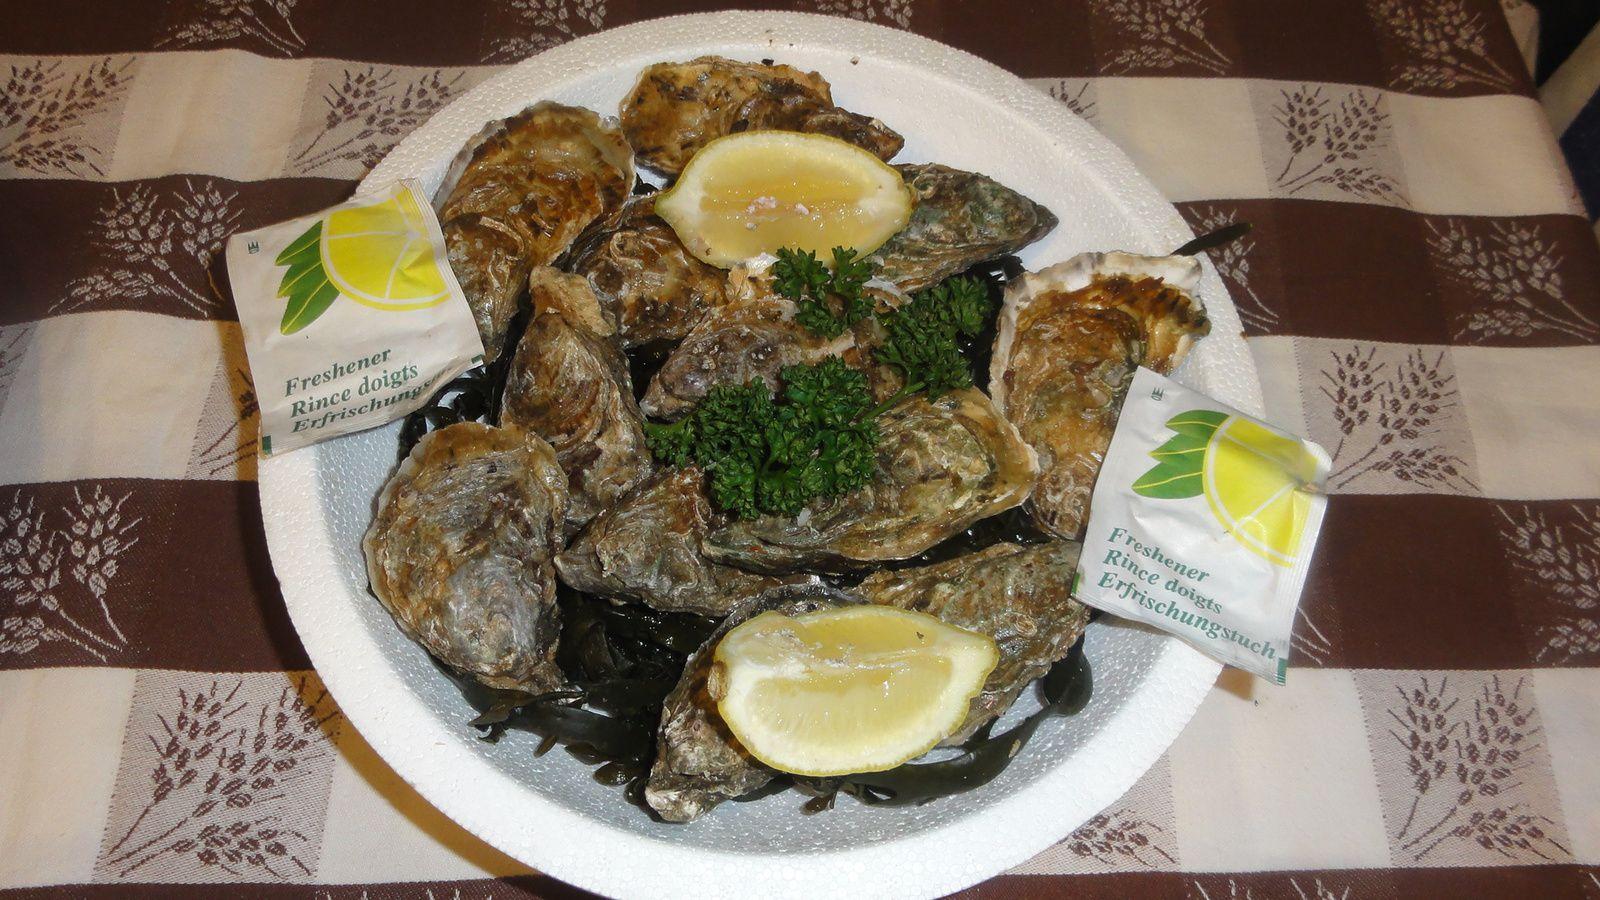 Chaque plateau se compose de deux sous-plateaux. L'un pour les huîtres ( 6 chacun) et les crustacés, dont  deux demis langouste